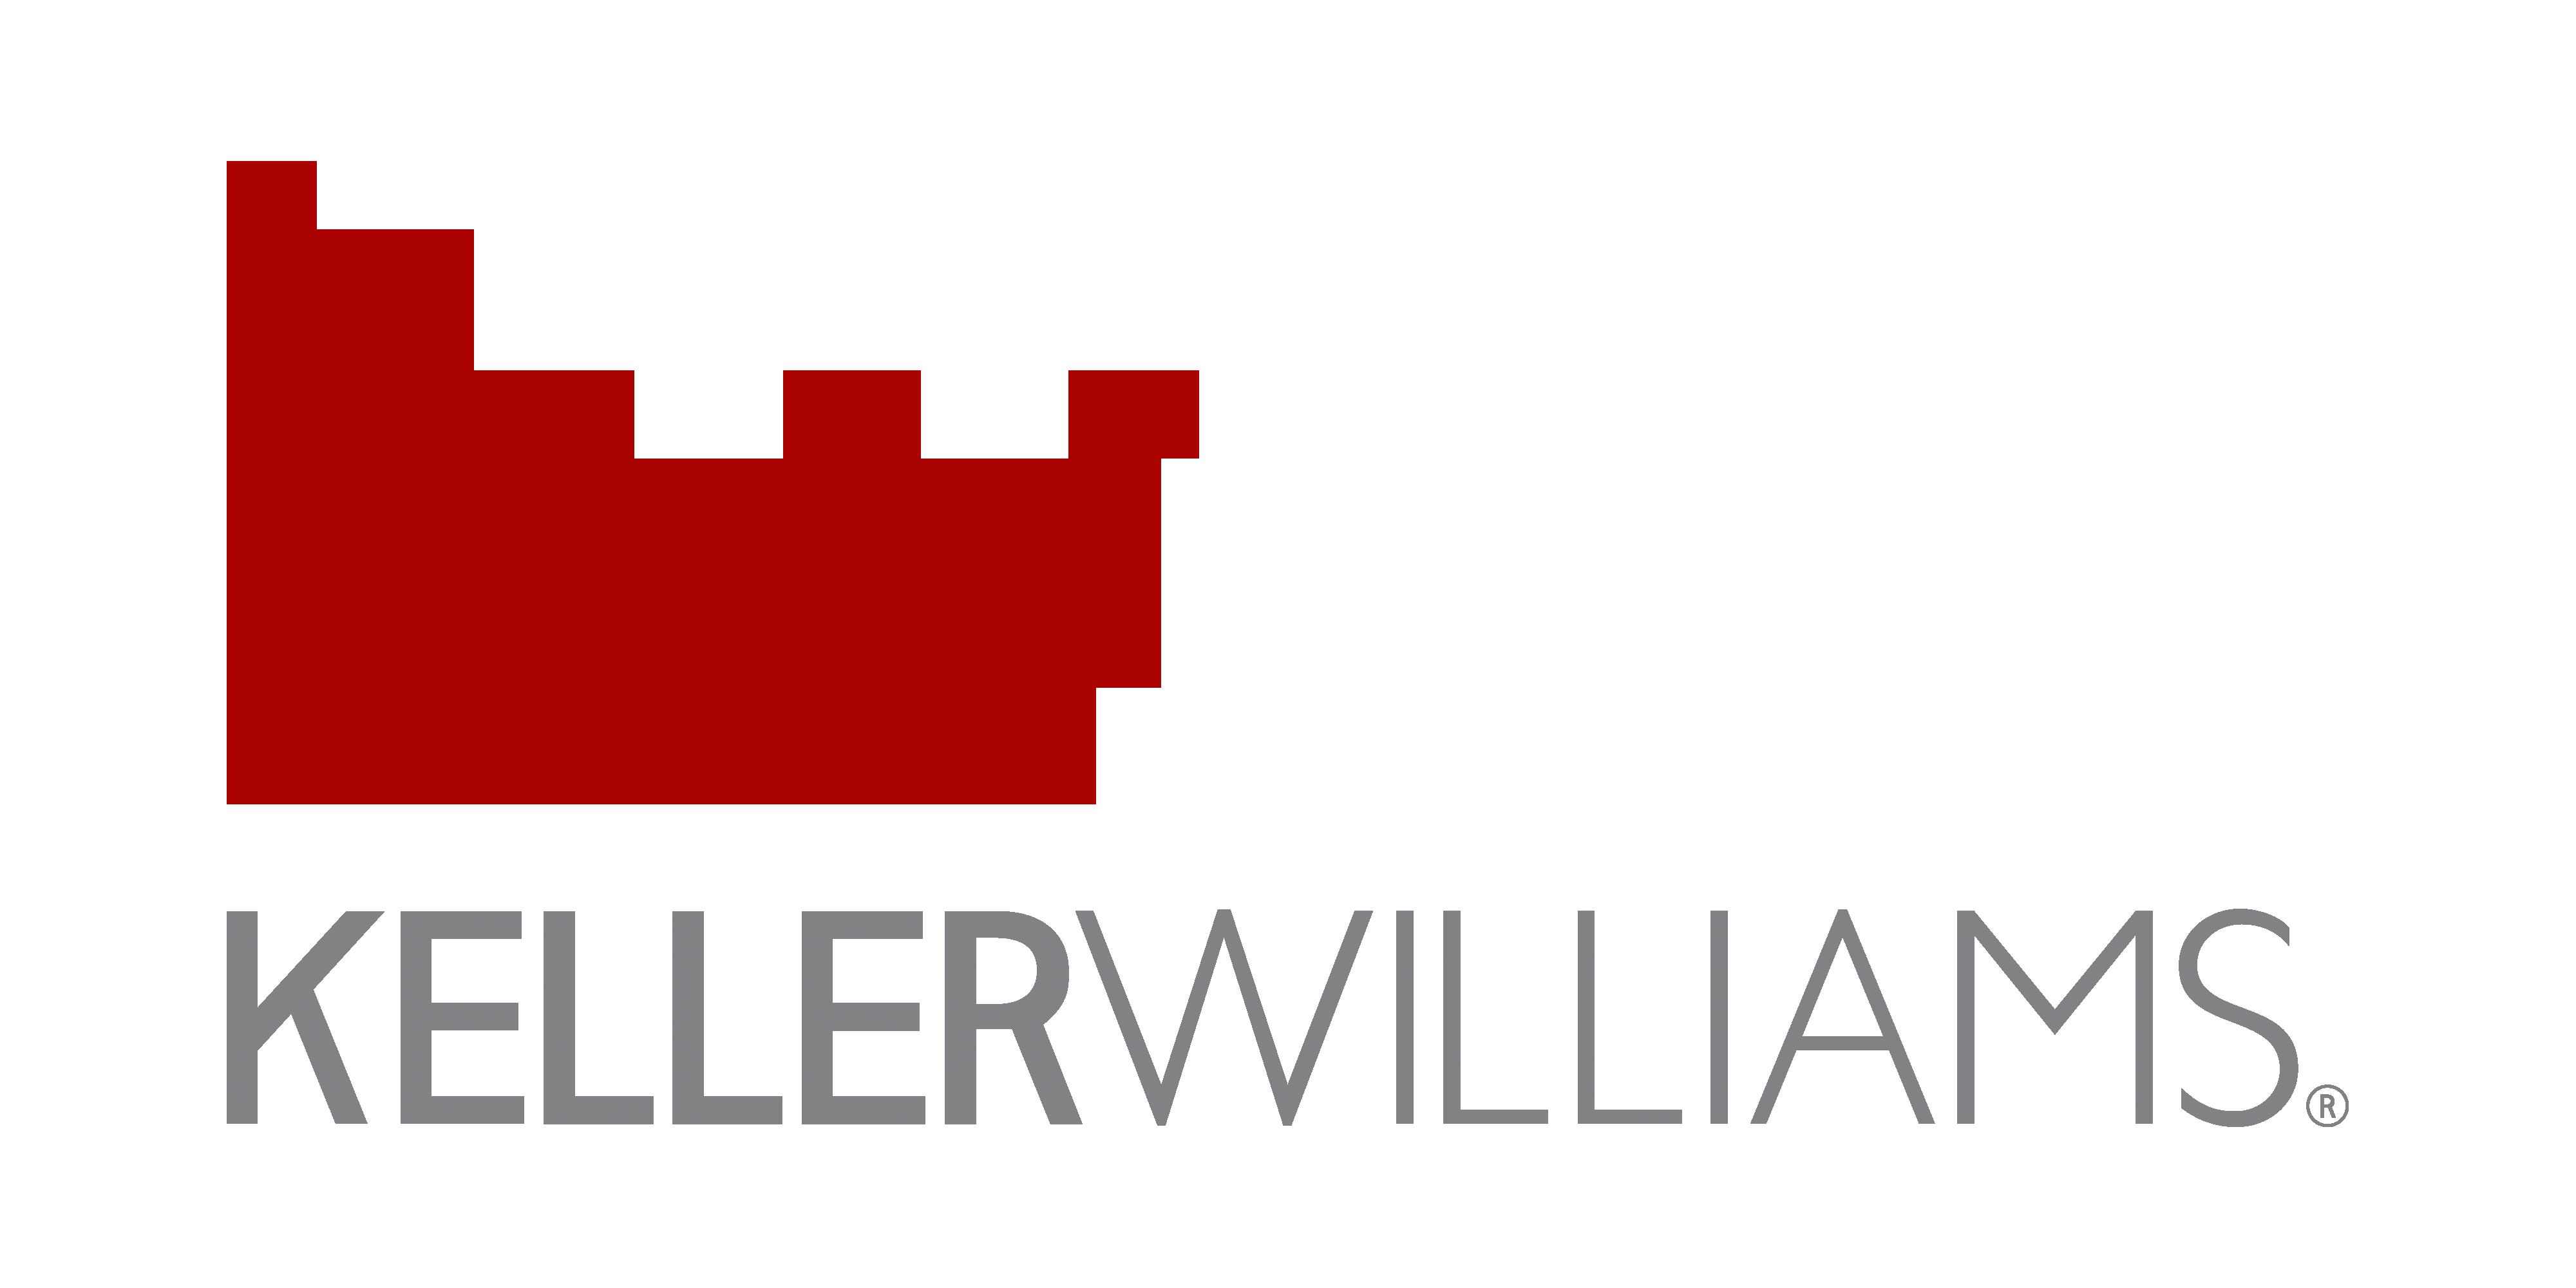 The RedBrick Group of Keller Williams